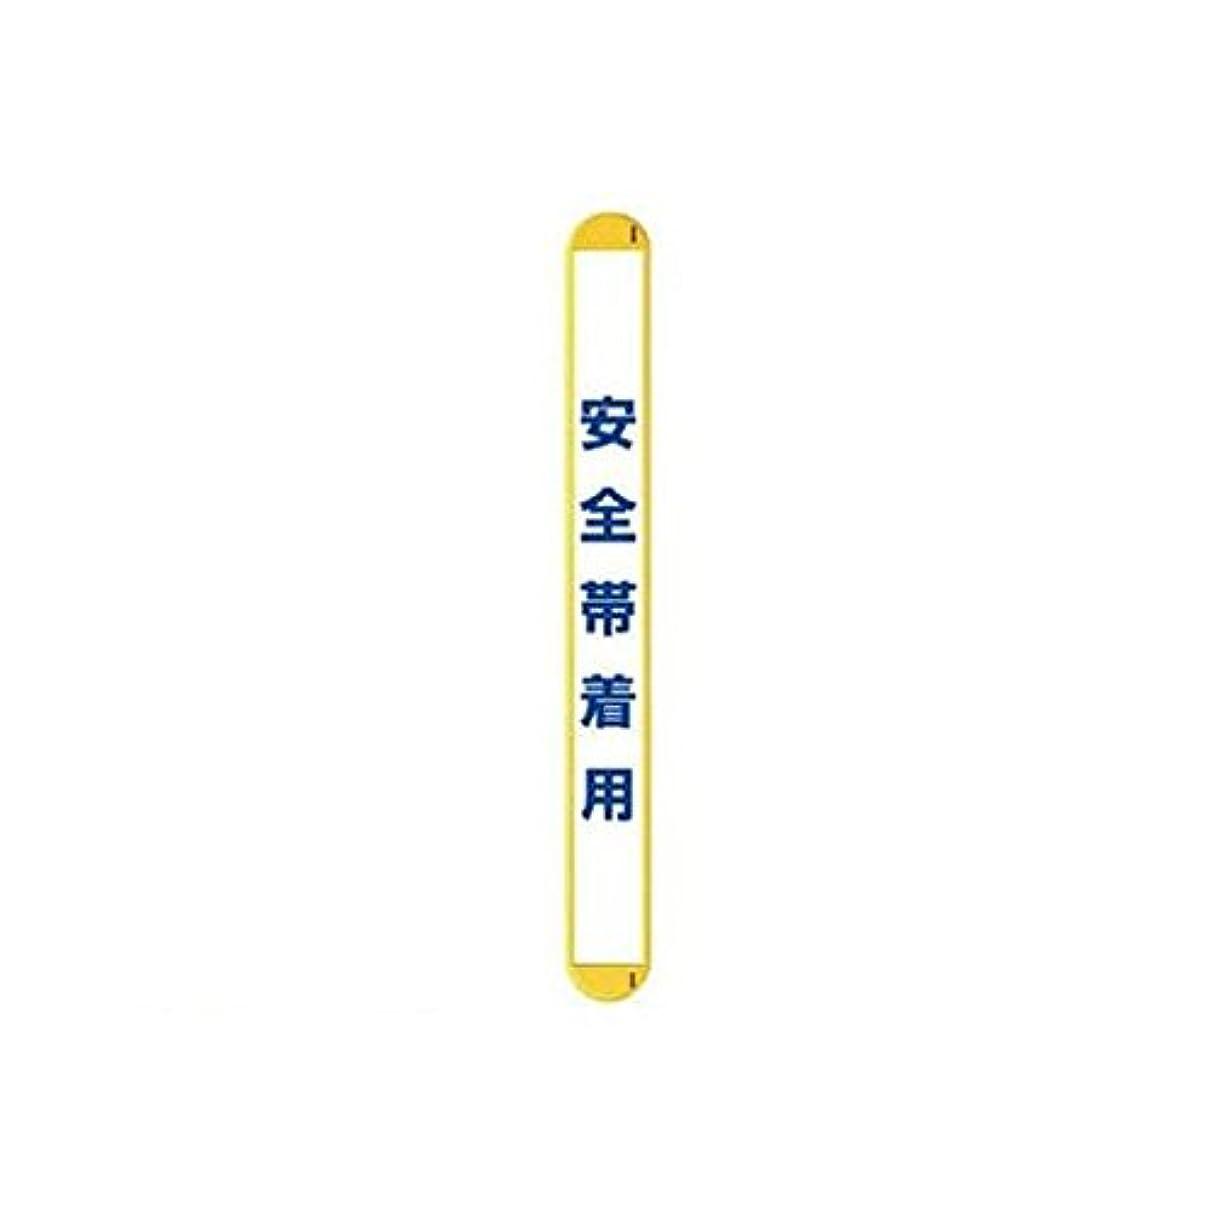 怒っている廃止するミニチュアAN72746 マルチバインダー安全帯着縦 ABS樹脂 500X58X58